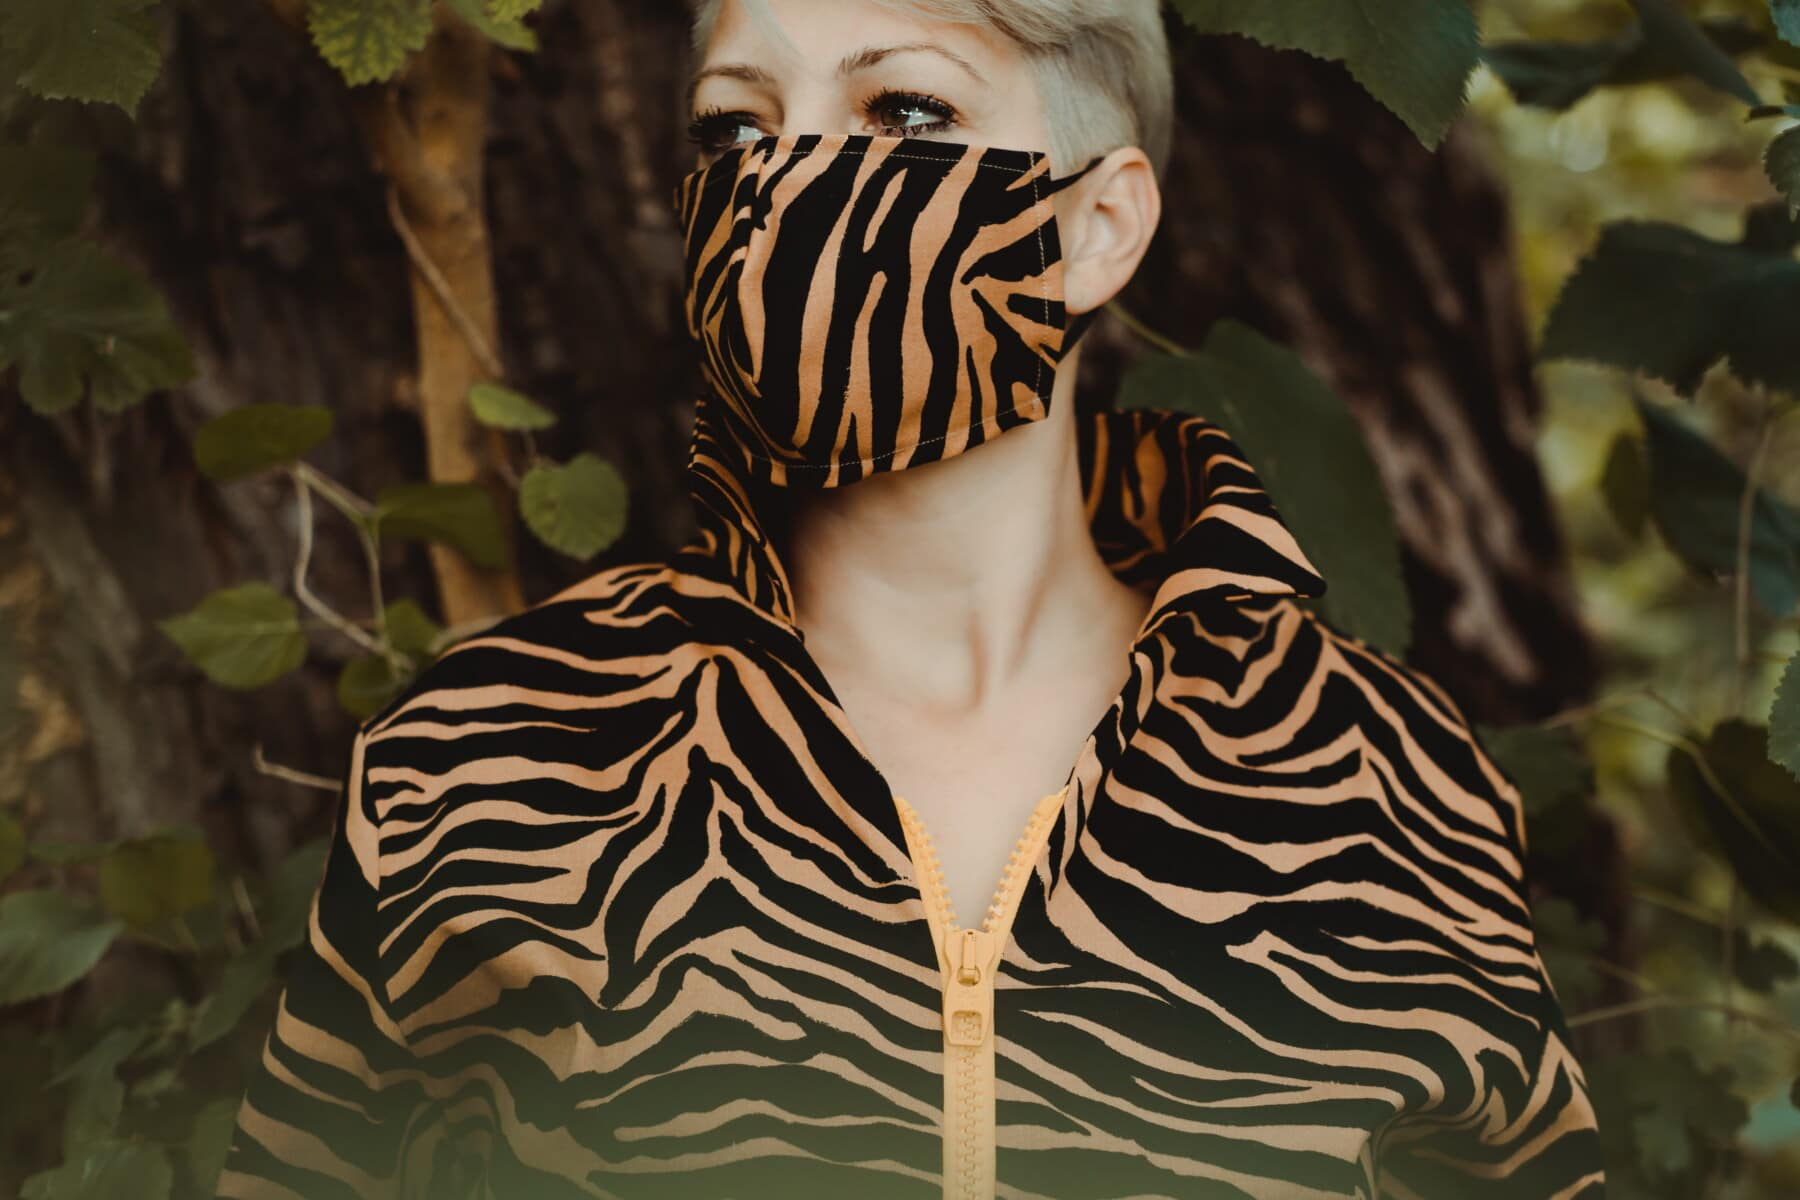 маска для лица, современные, снаряжение, дизайн, камуфляж, моды, коронавирус, КОВИД-19, природа, портрет